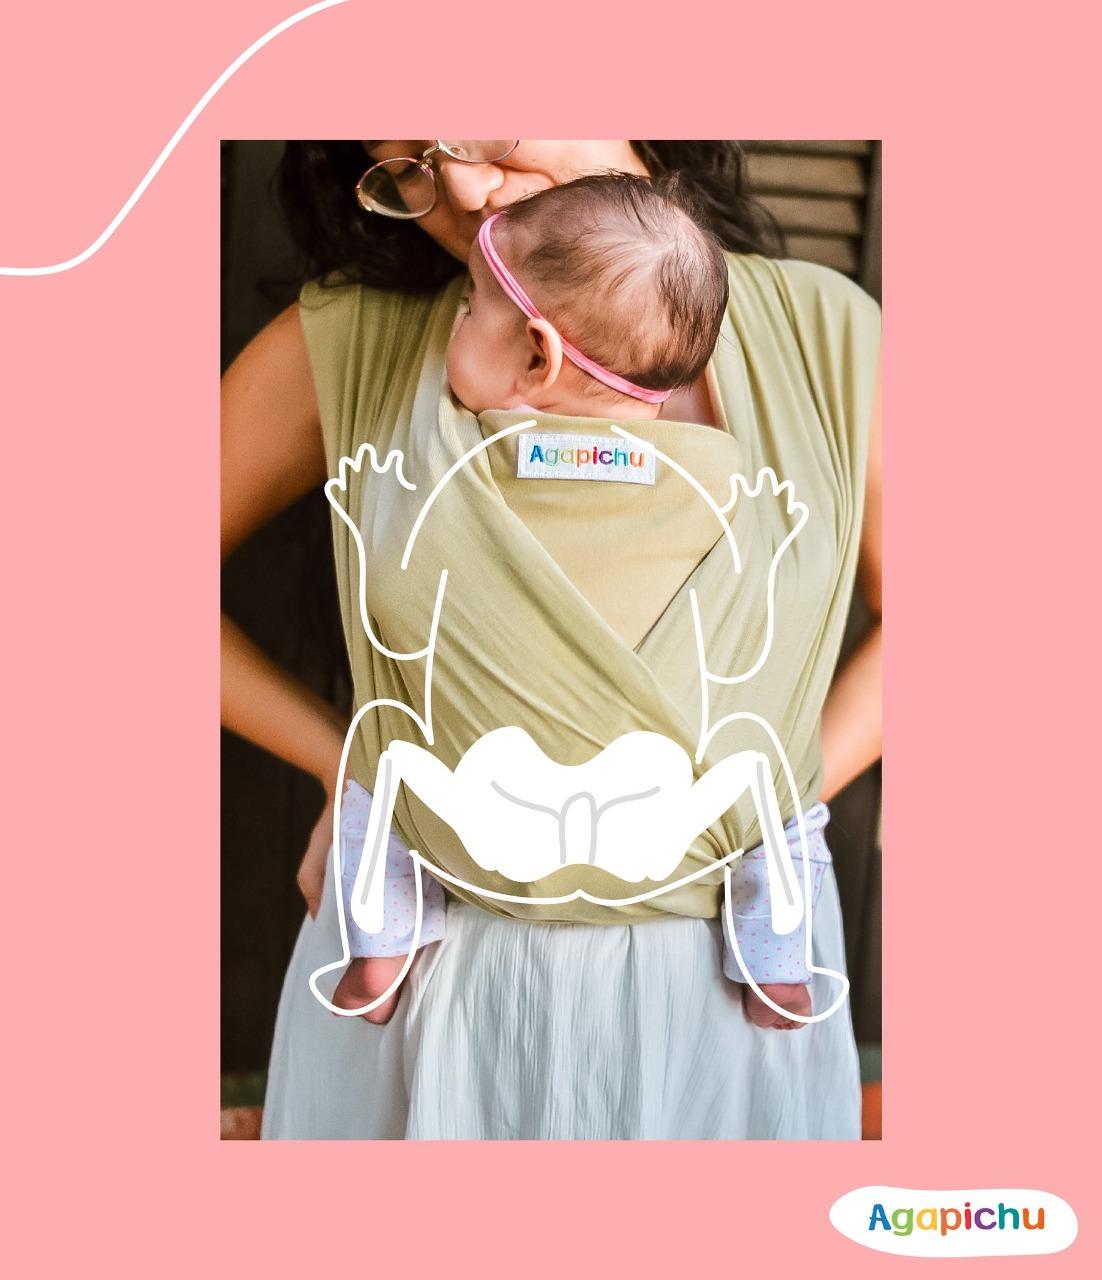 Agapichu siente la  maternidad piel a piel